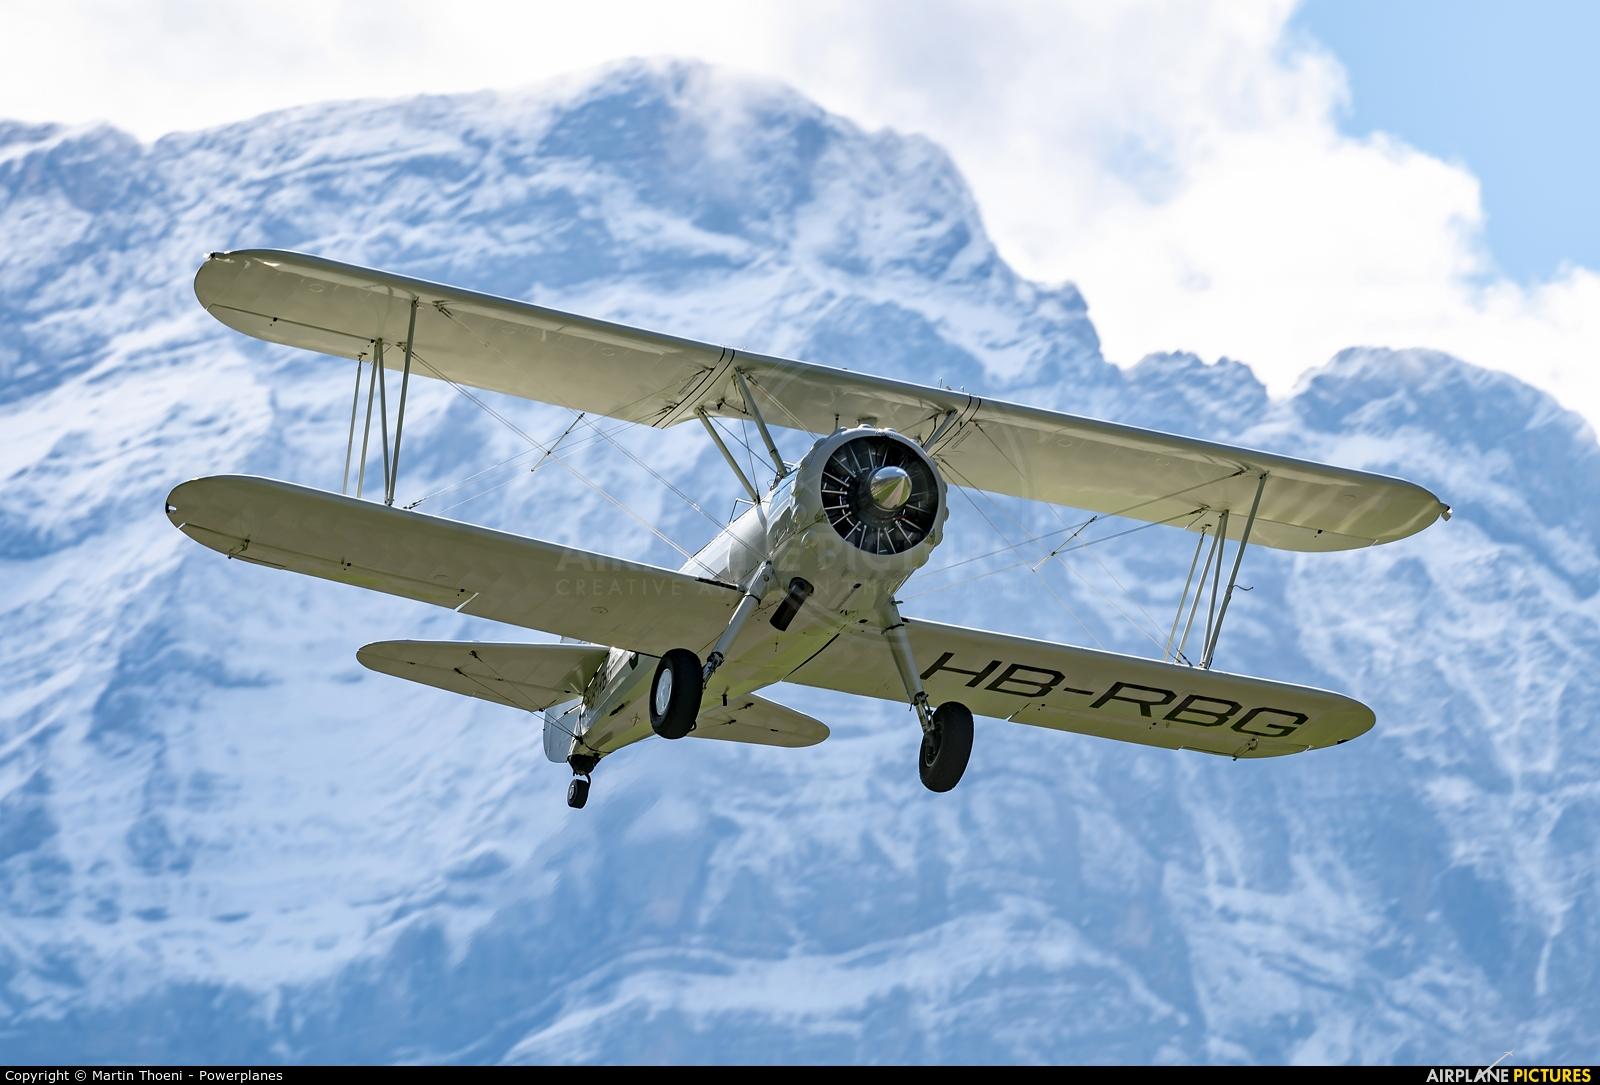 Private HB-RBG aircraft at Mollis